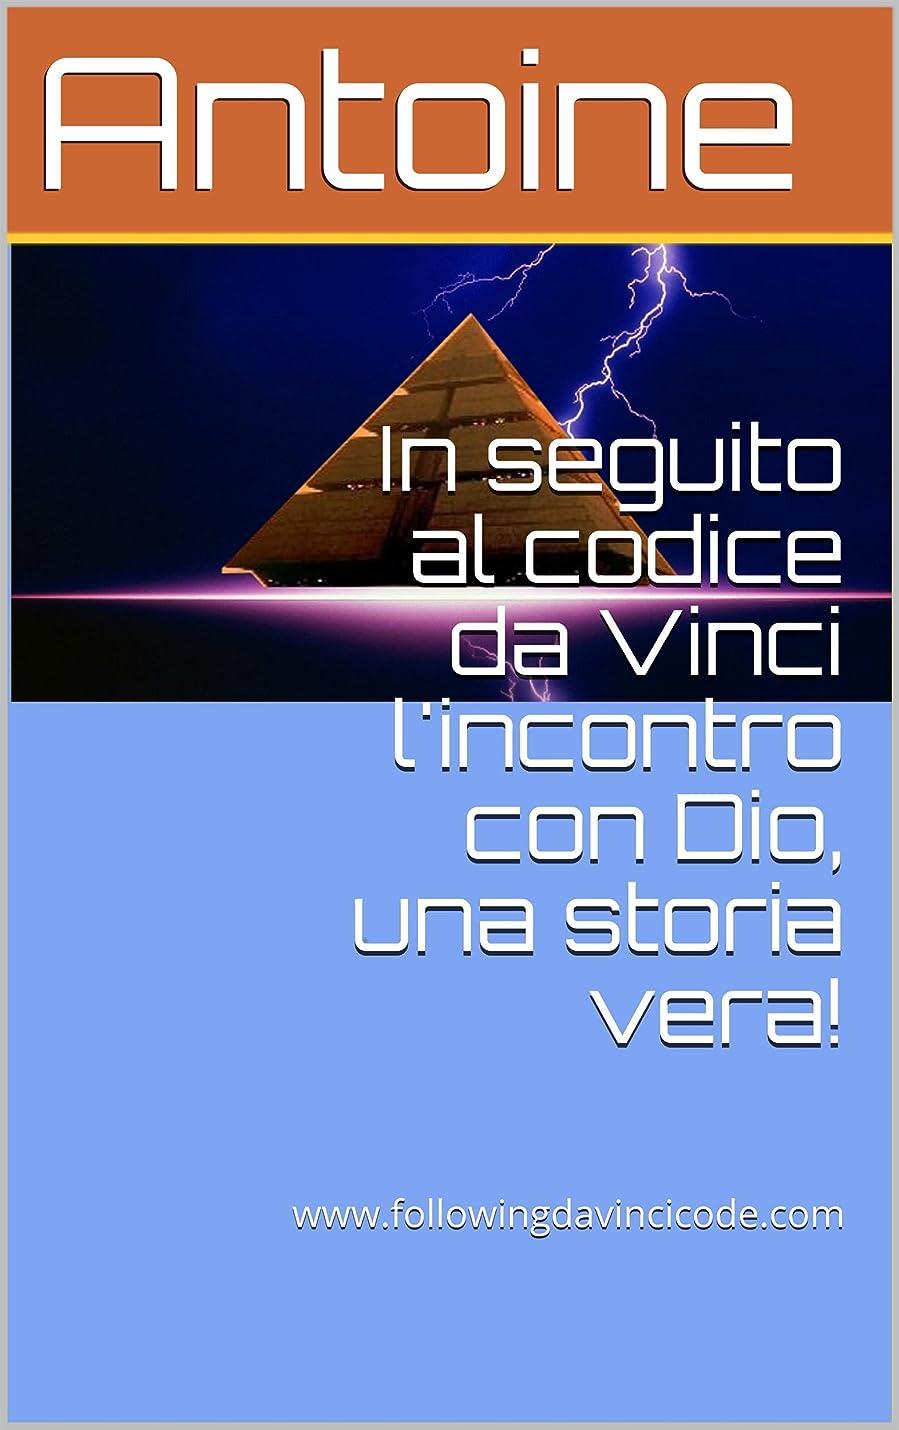 レイアウトメールアクセスIn seguito al codice da Vinci l'incontro con Dio, una storia vera! (Italian Edition)